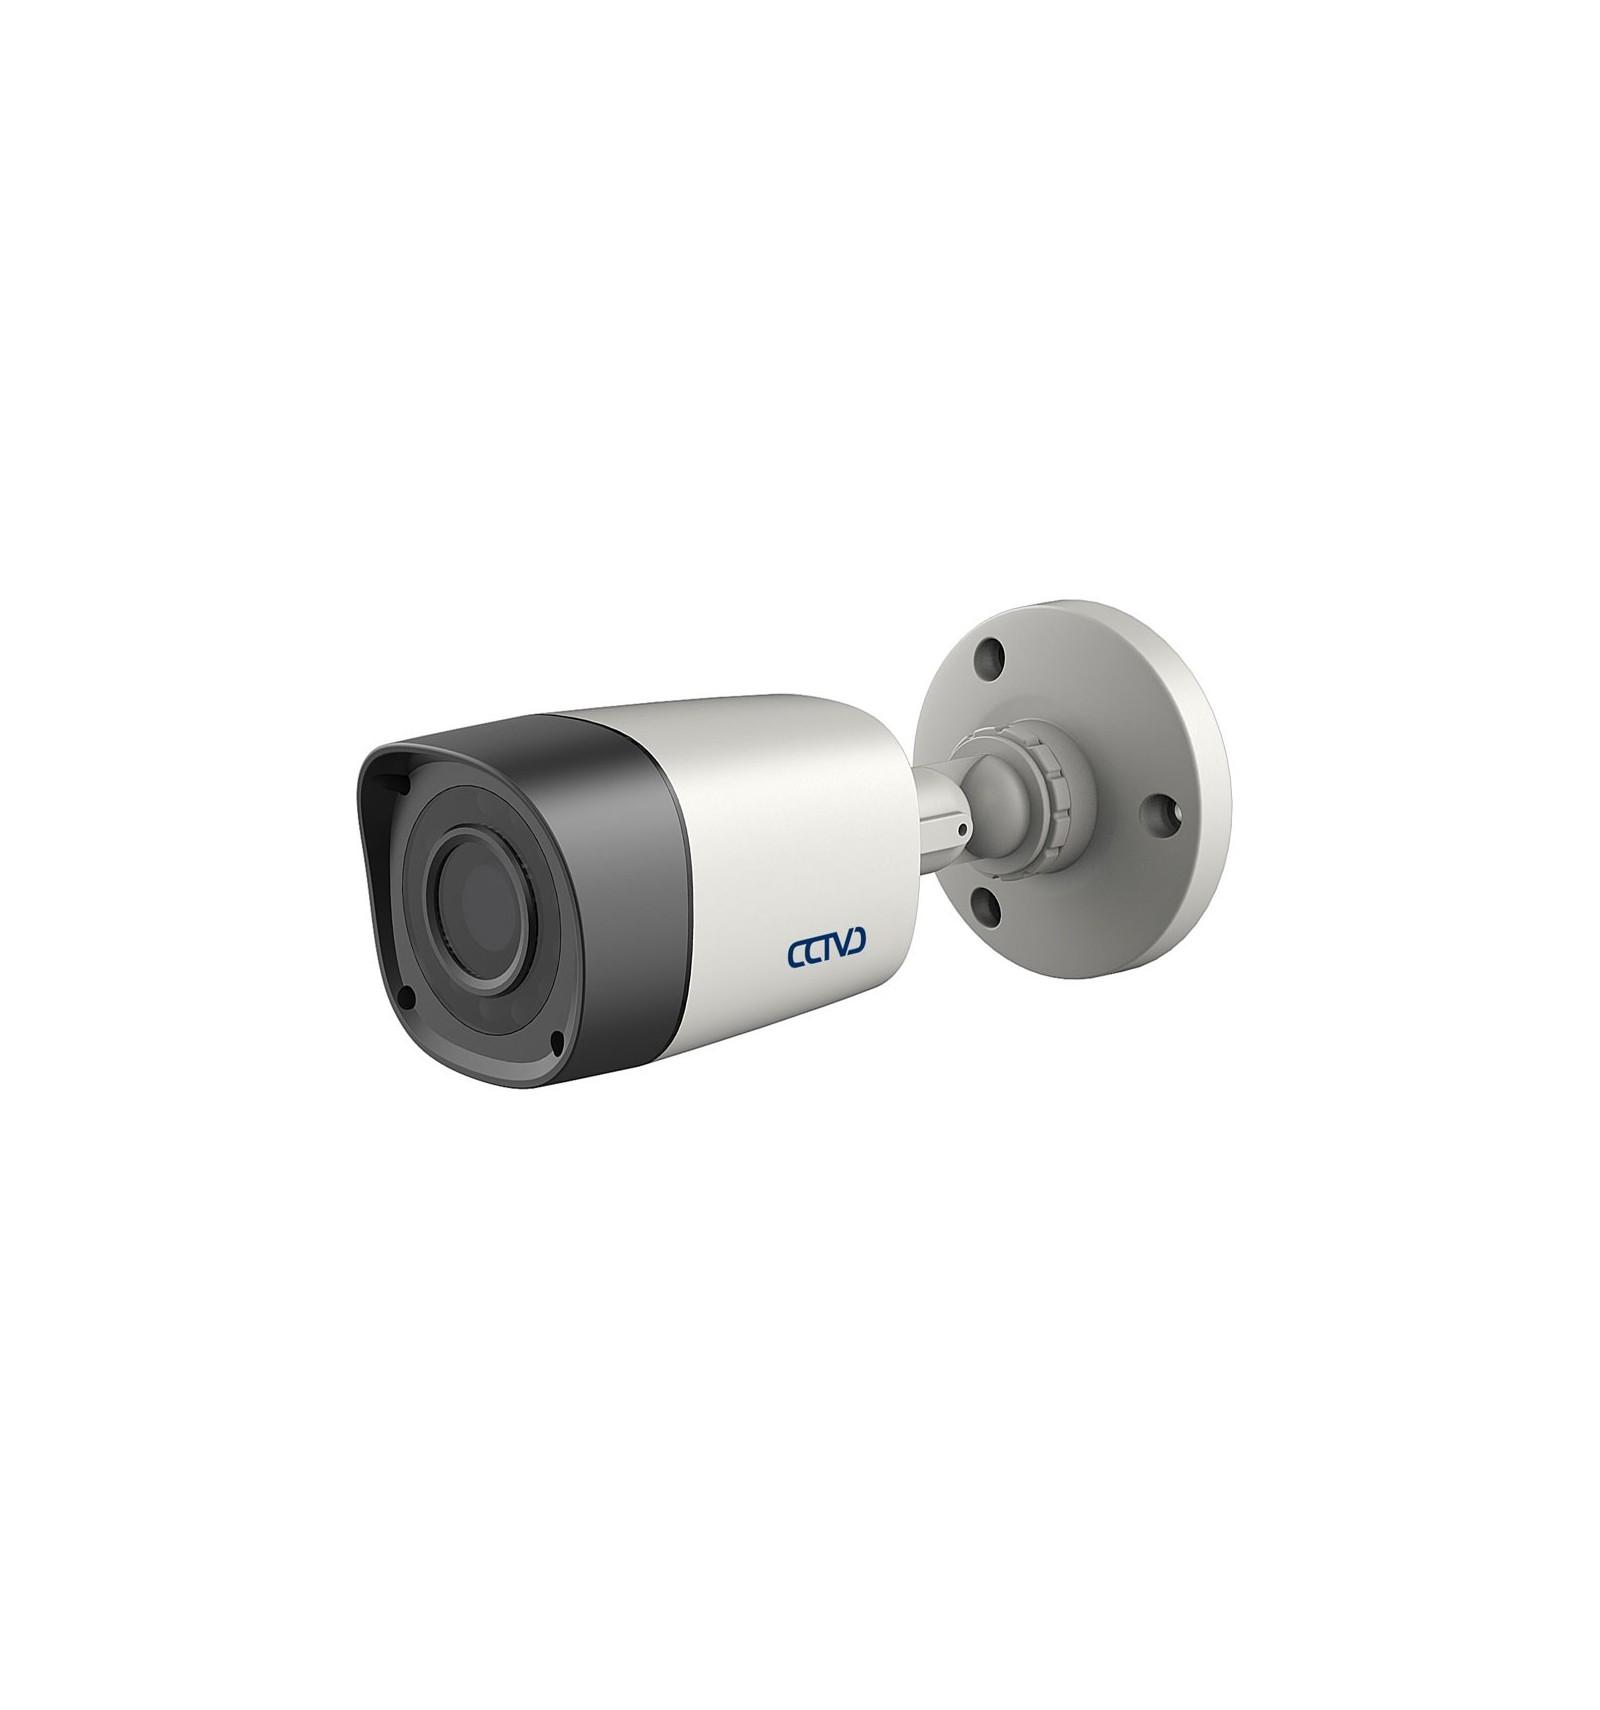 Camara de vigilancia hd para interior y exterior economica - Camaras vigilancia exterior ...